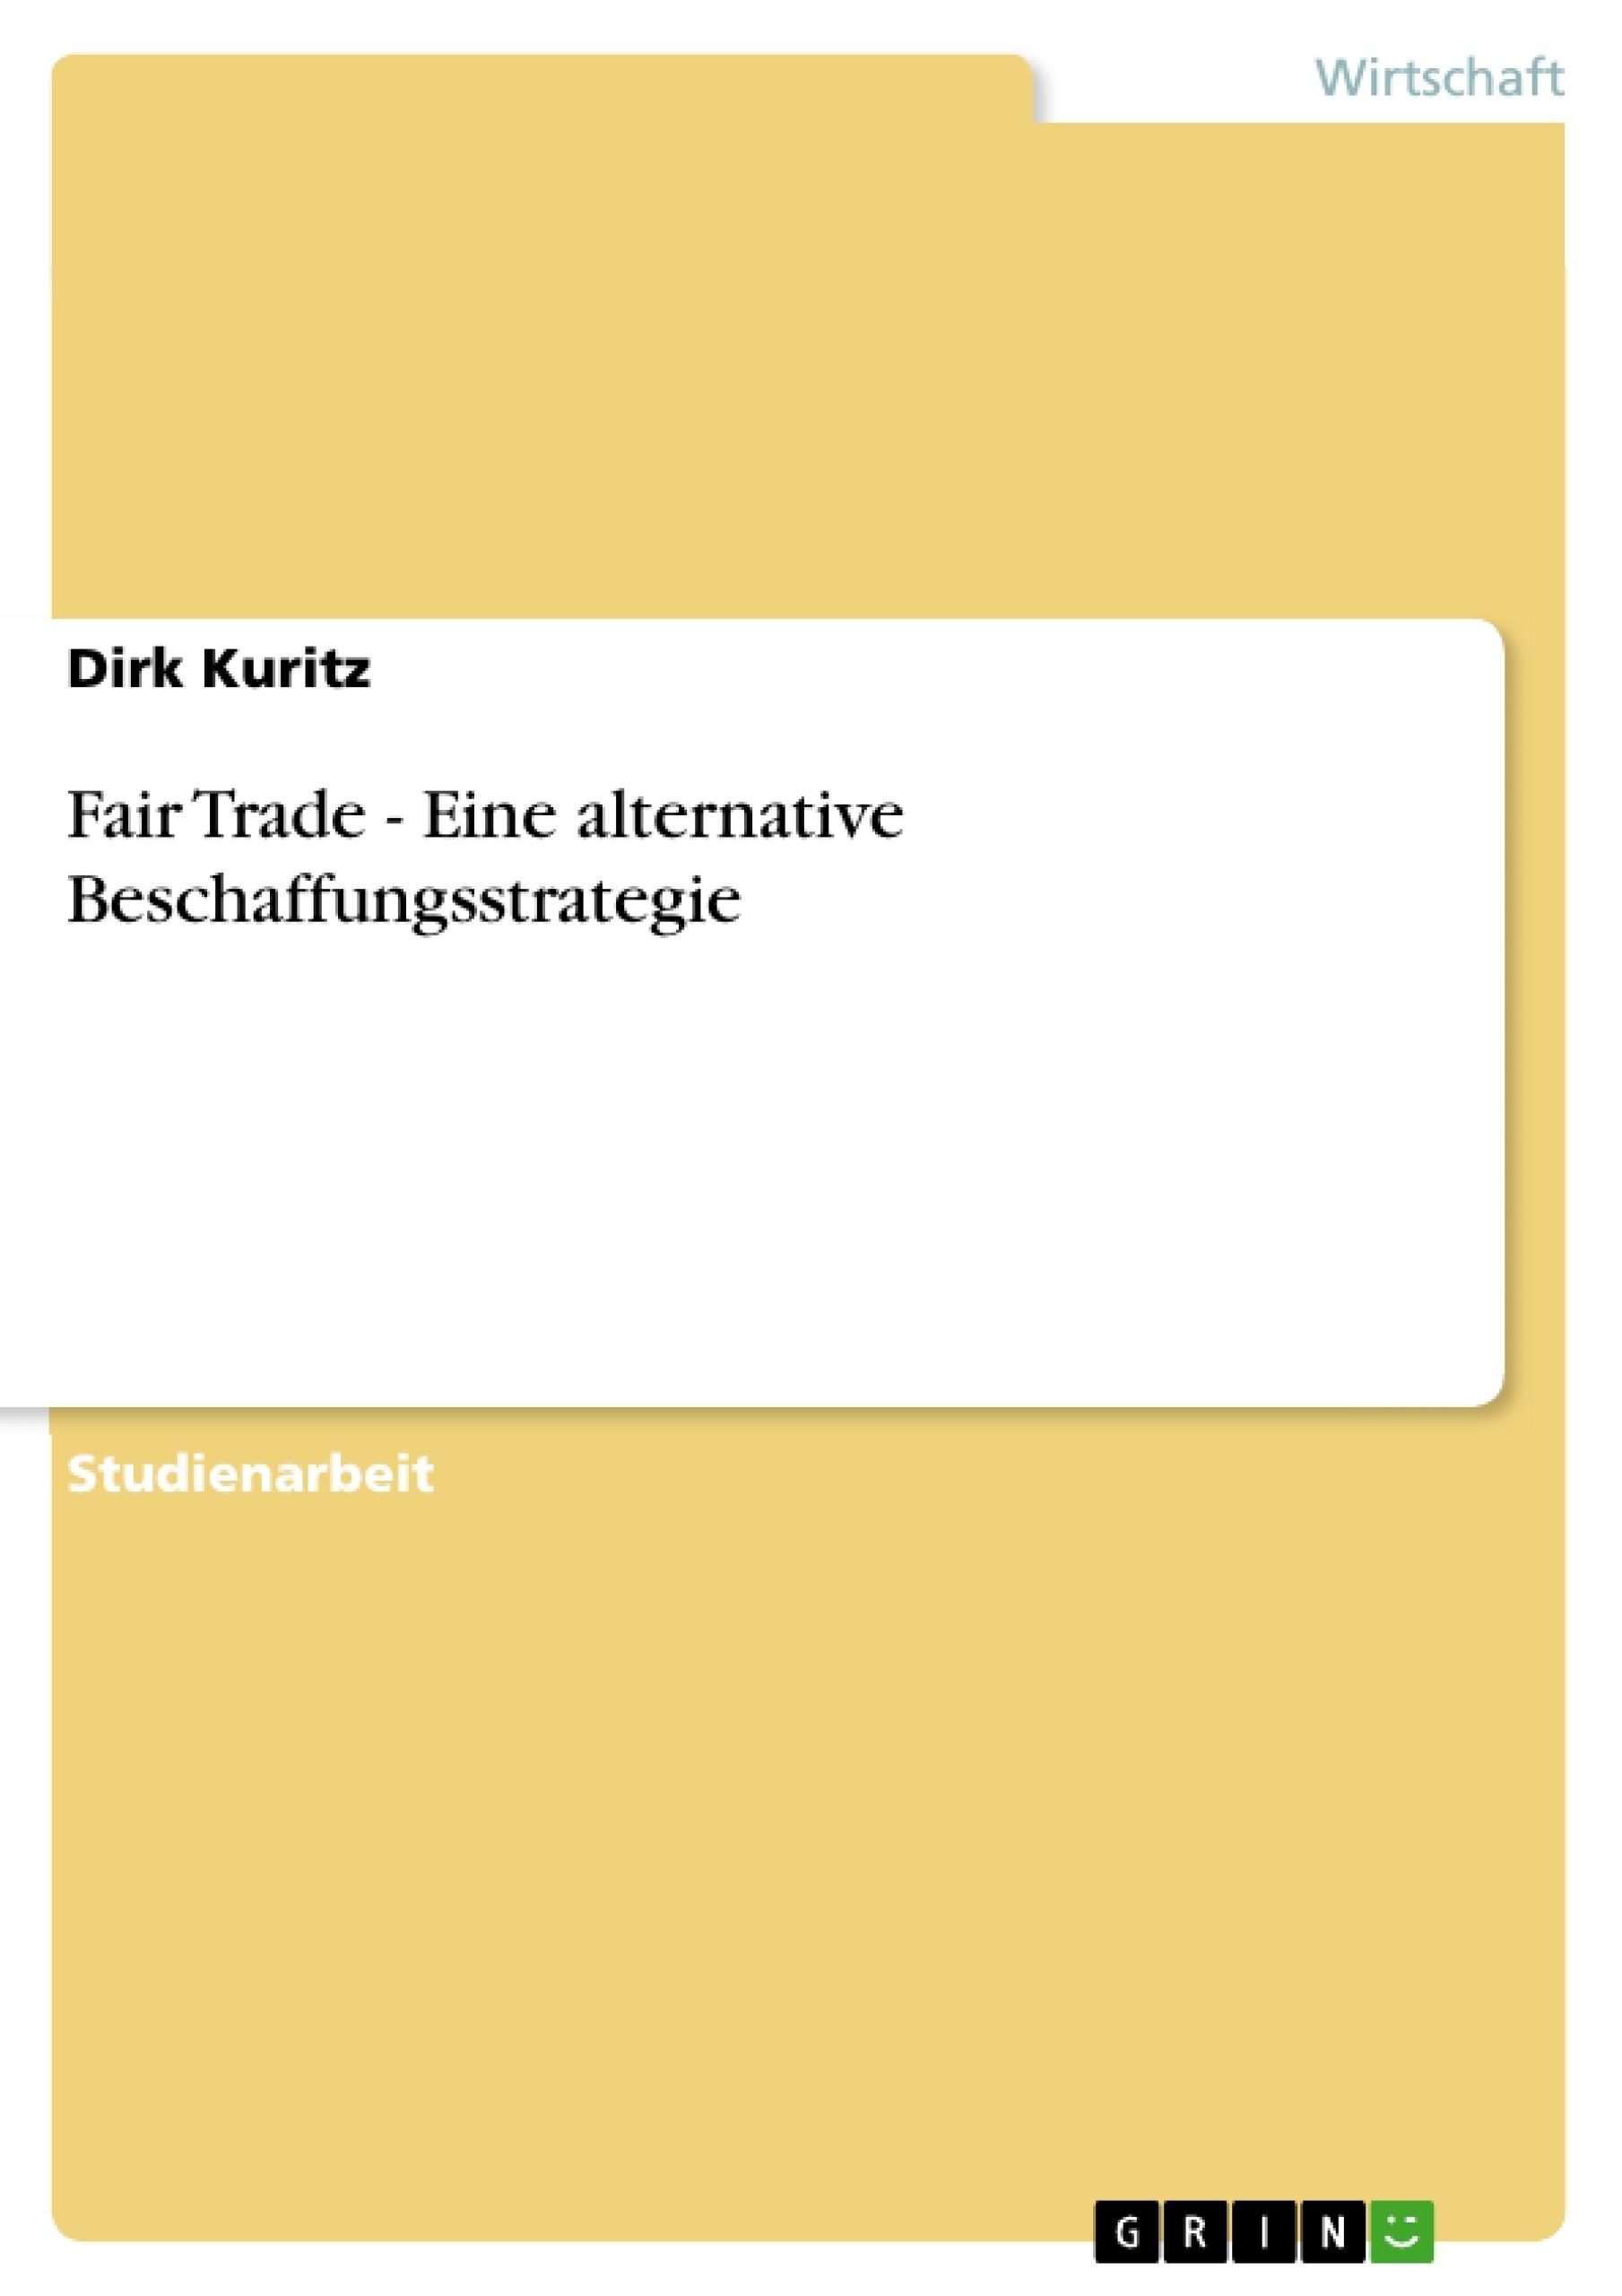 Titel: Fair Trade - Eine alternative Beschaffungsstrategie